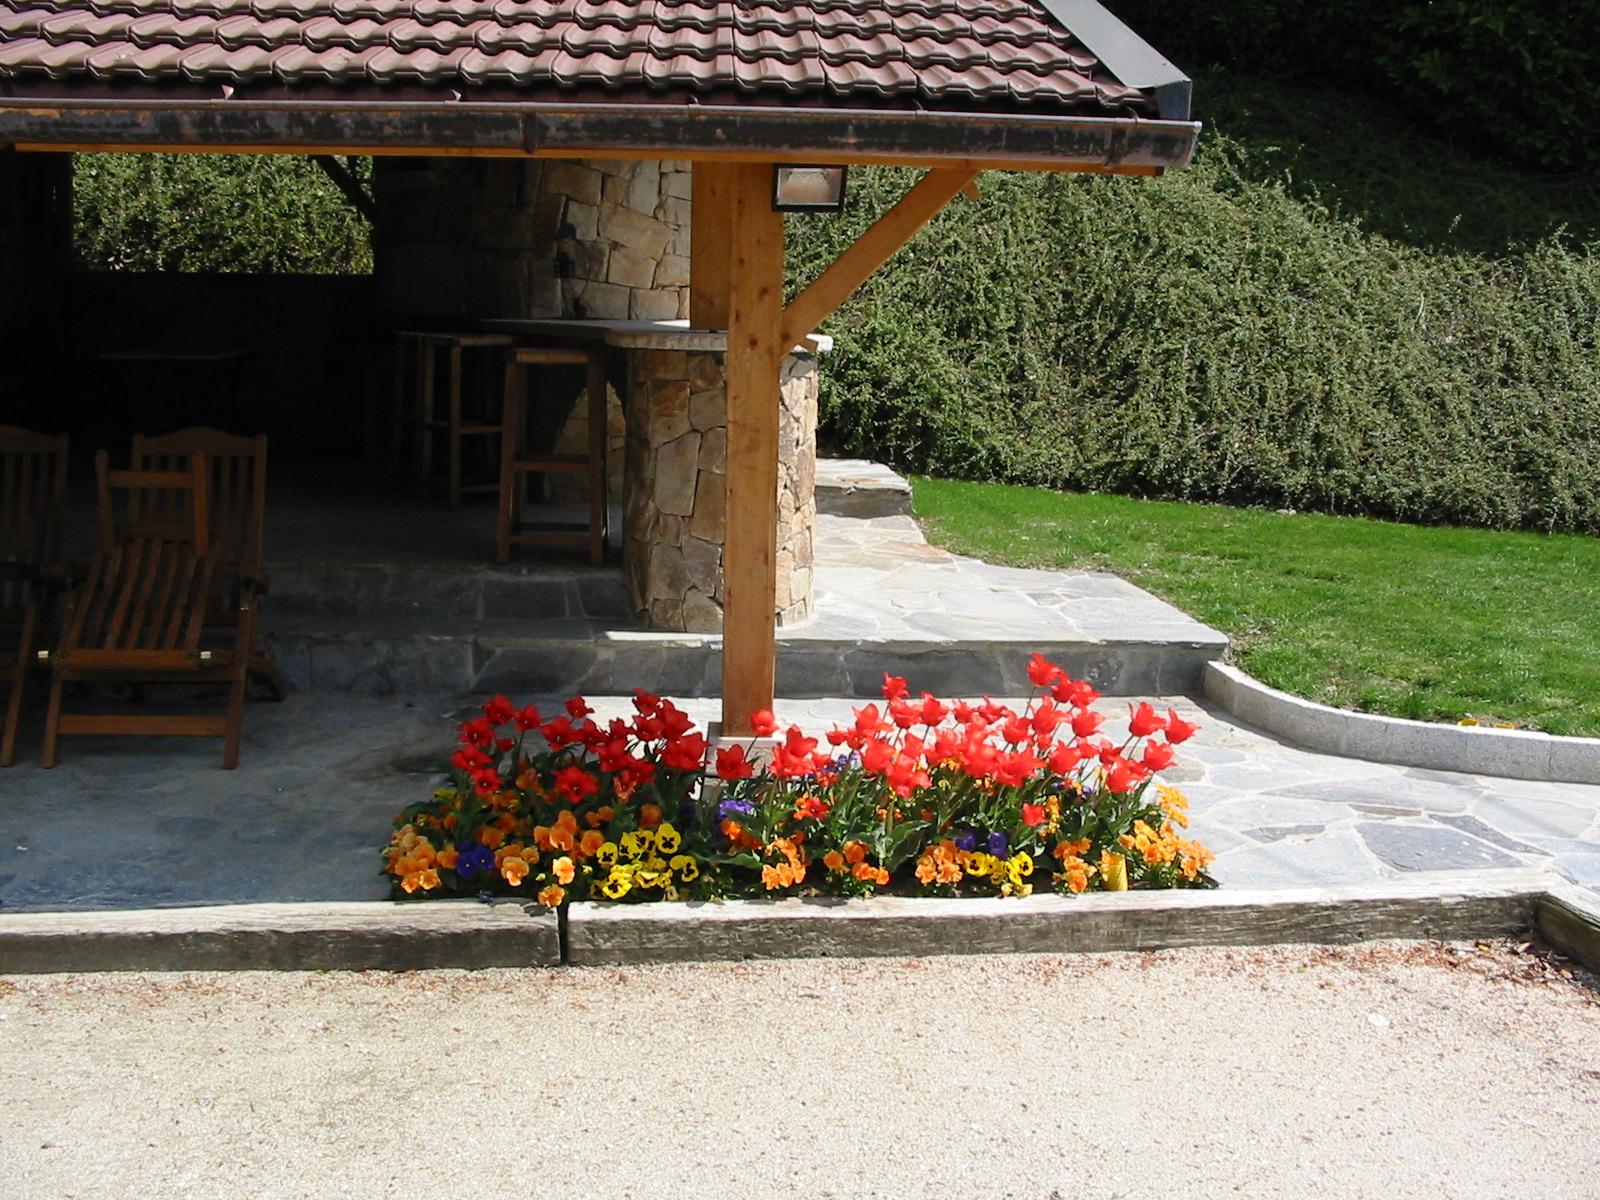 Paysagiste et am nagement de jardin thonon et annemasse for Amenagement jardin savoie